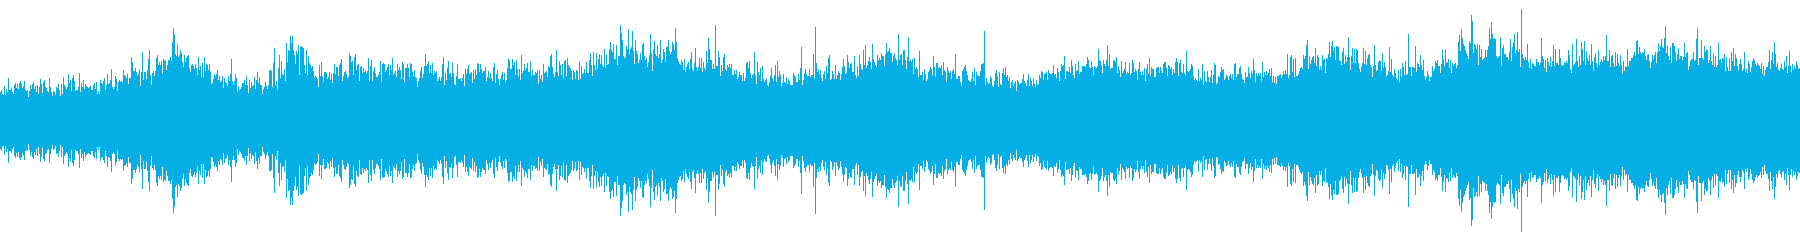 オランダで収録した噴水の音の再生済みの波形